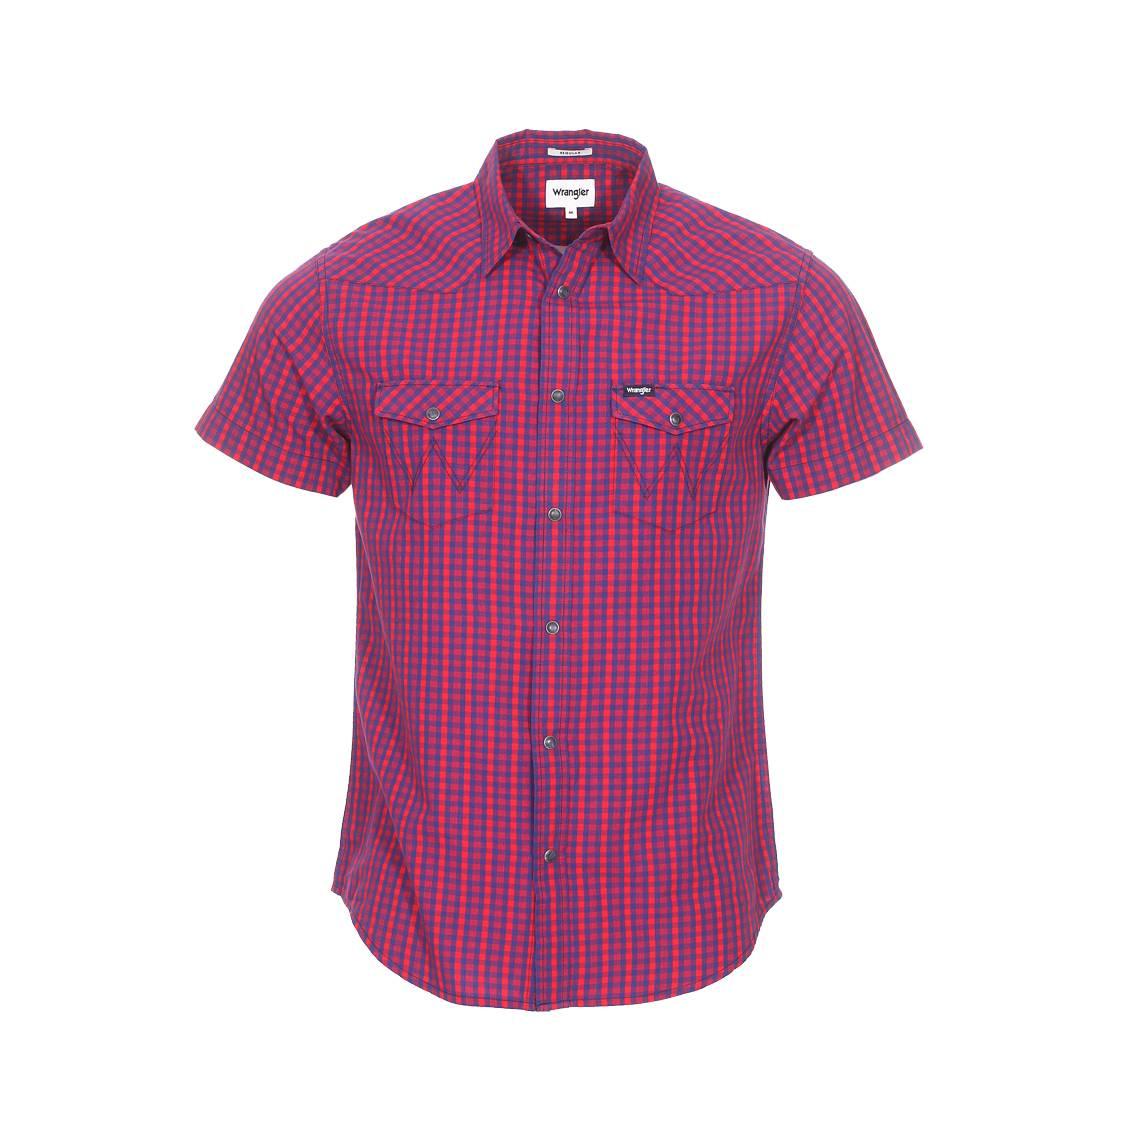 Chemise coupe droite manches courtes  en coton rouge et bleu à carreaux